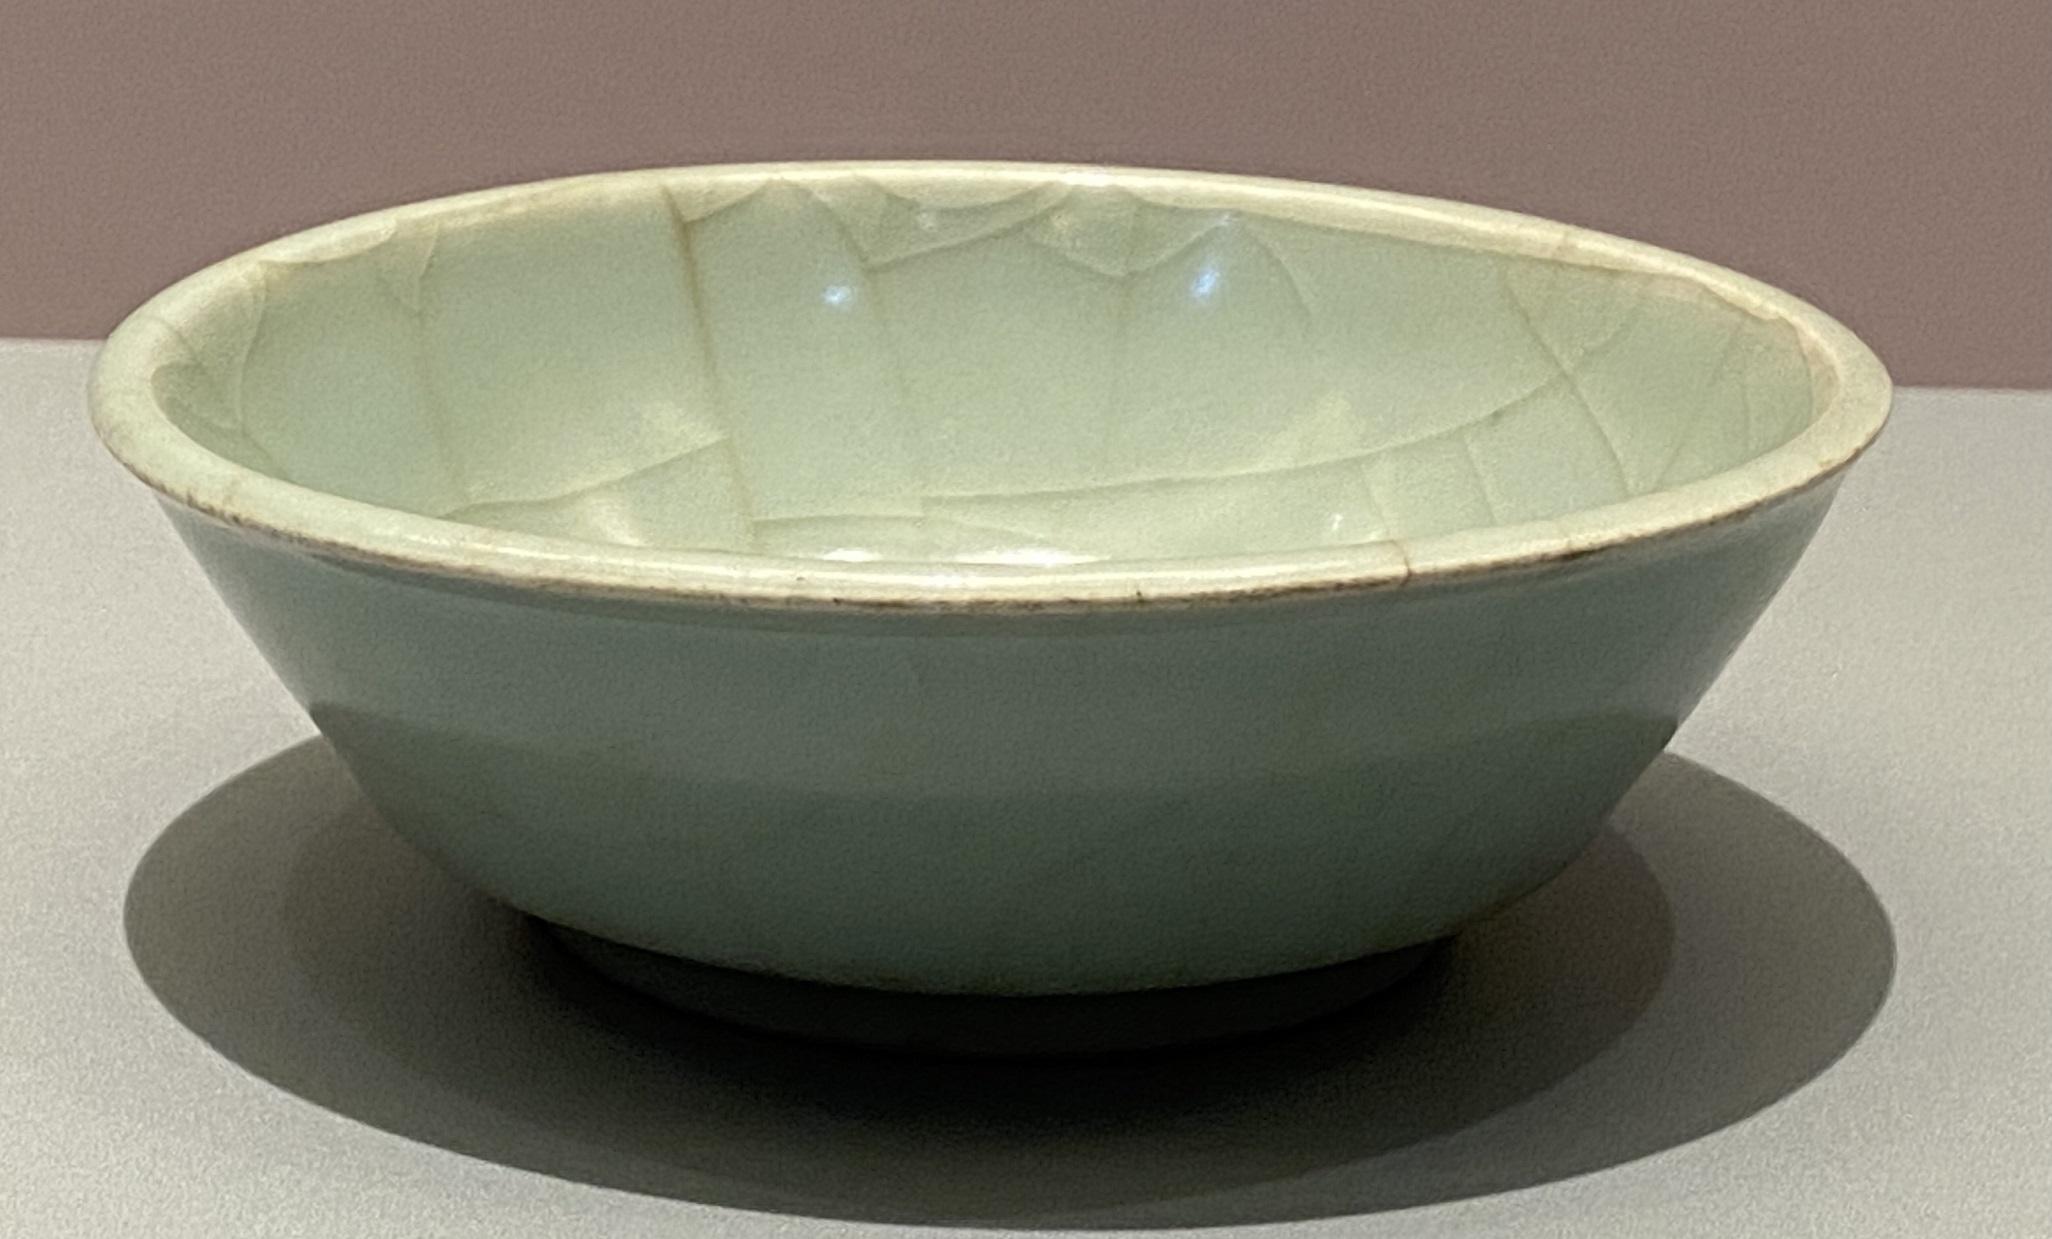 龍泉窯粉青釉碗-宋時代-特別展【食味人間】四川博物院・中国国家博物館